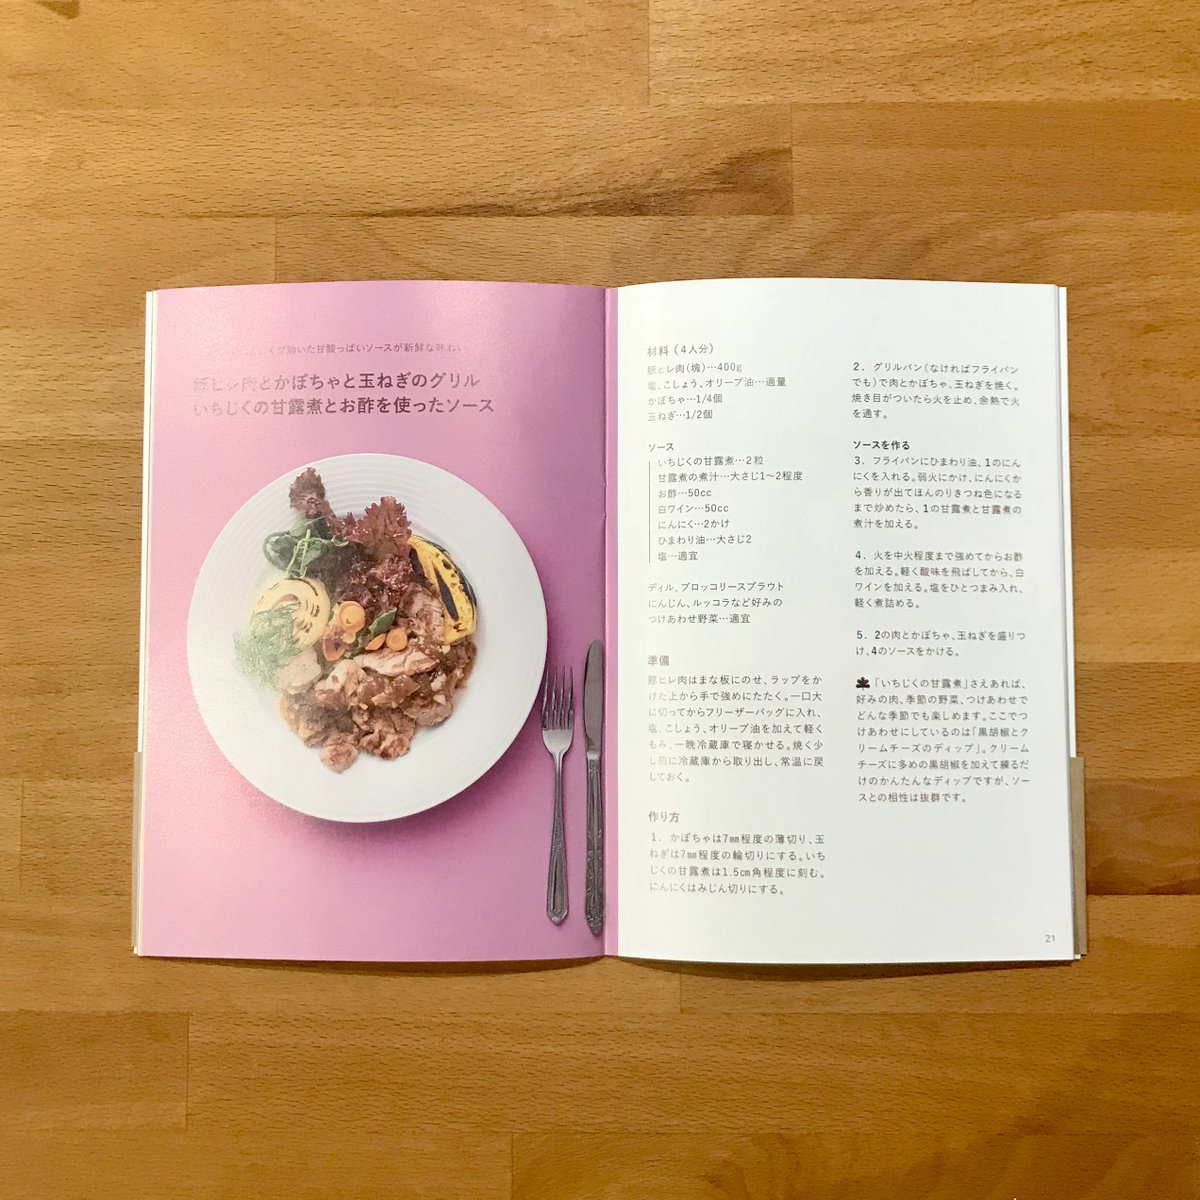 いちじく の 甘露煮 の 作り方